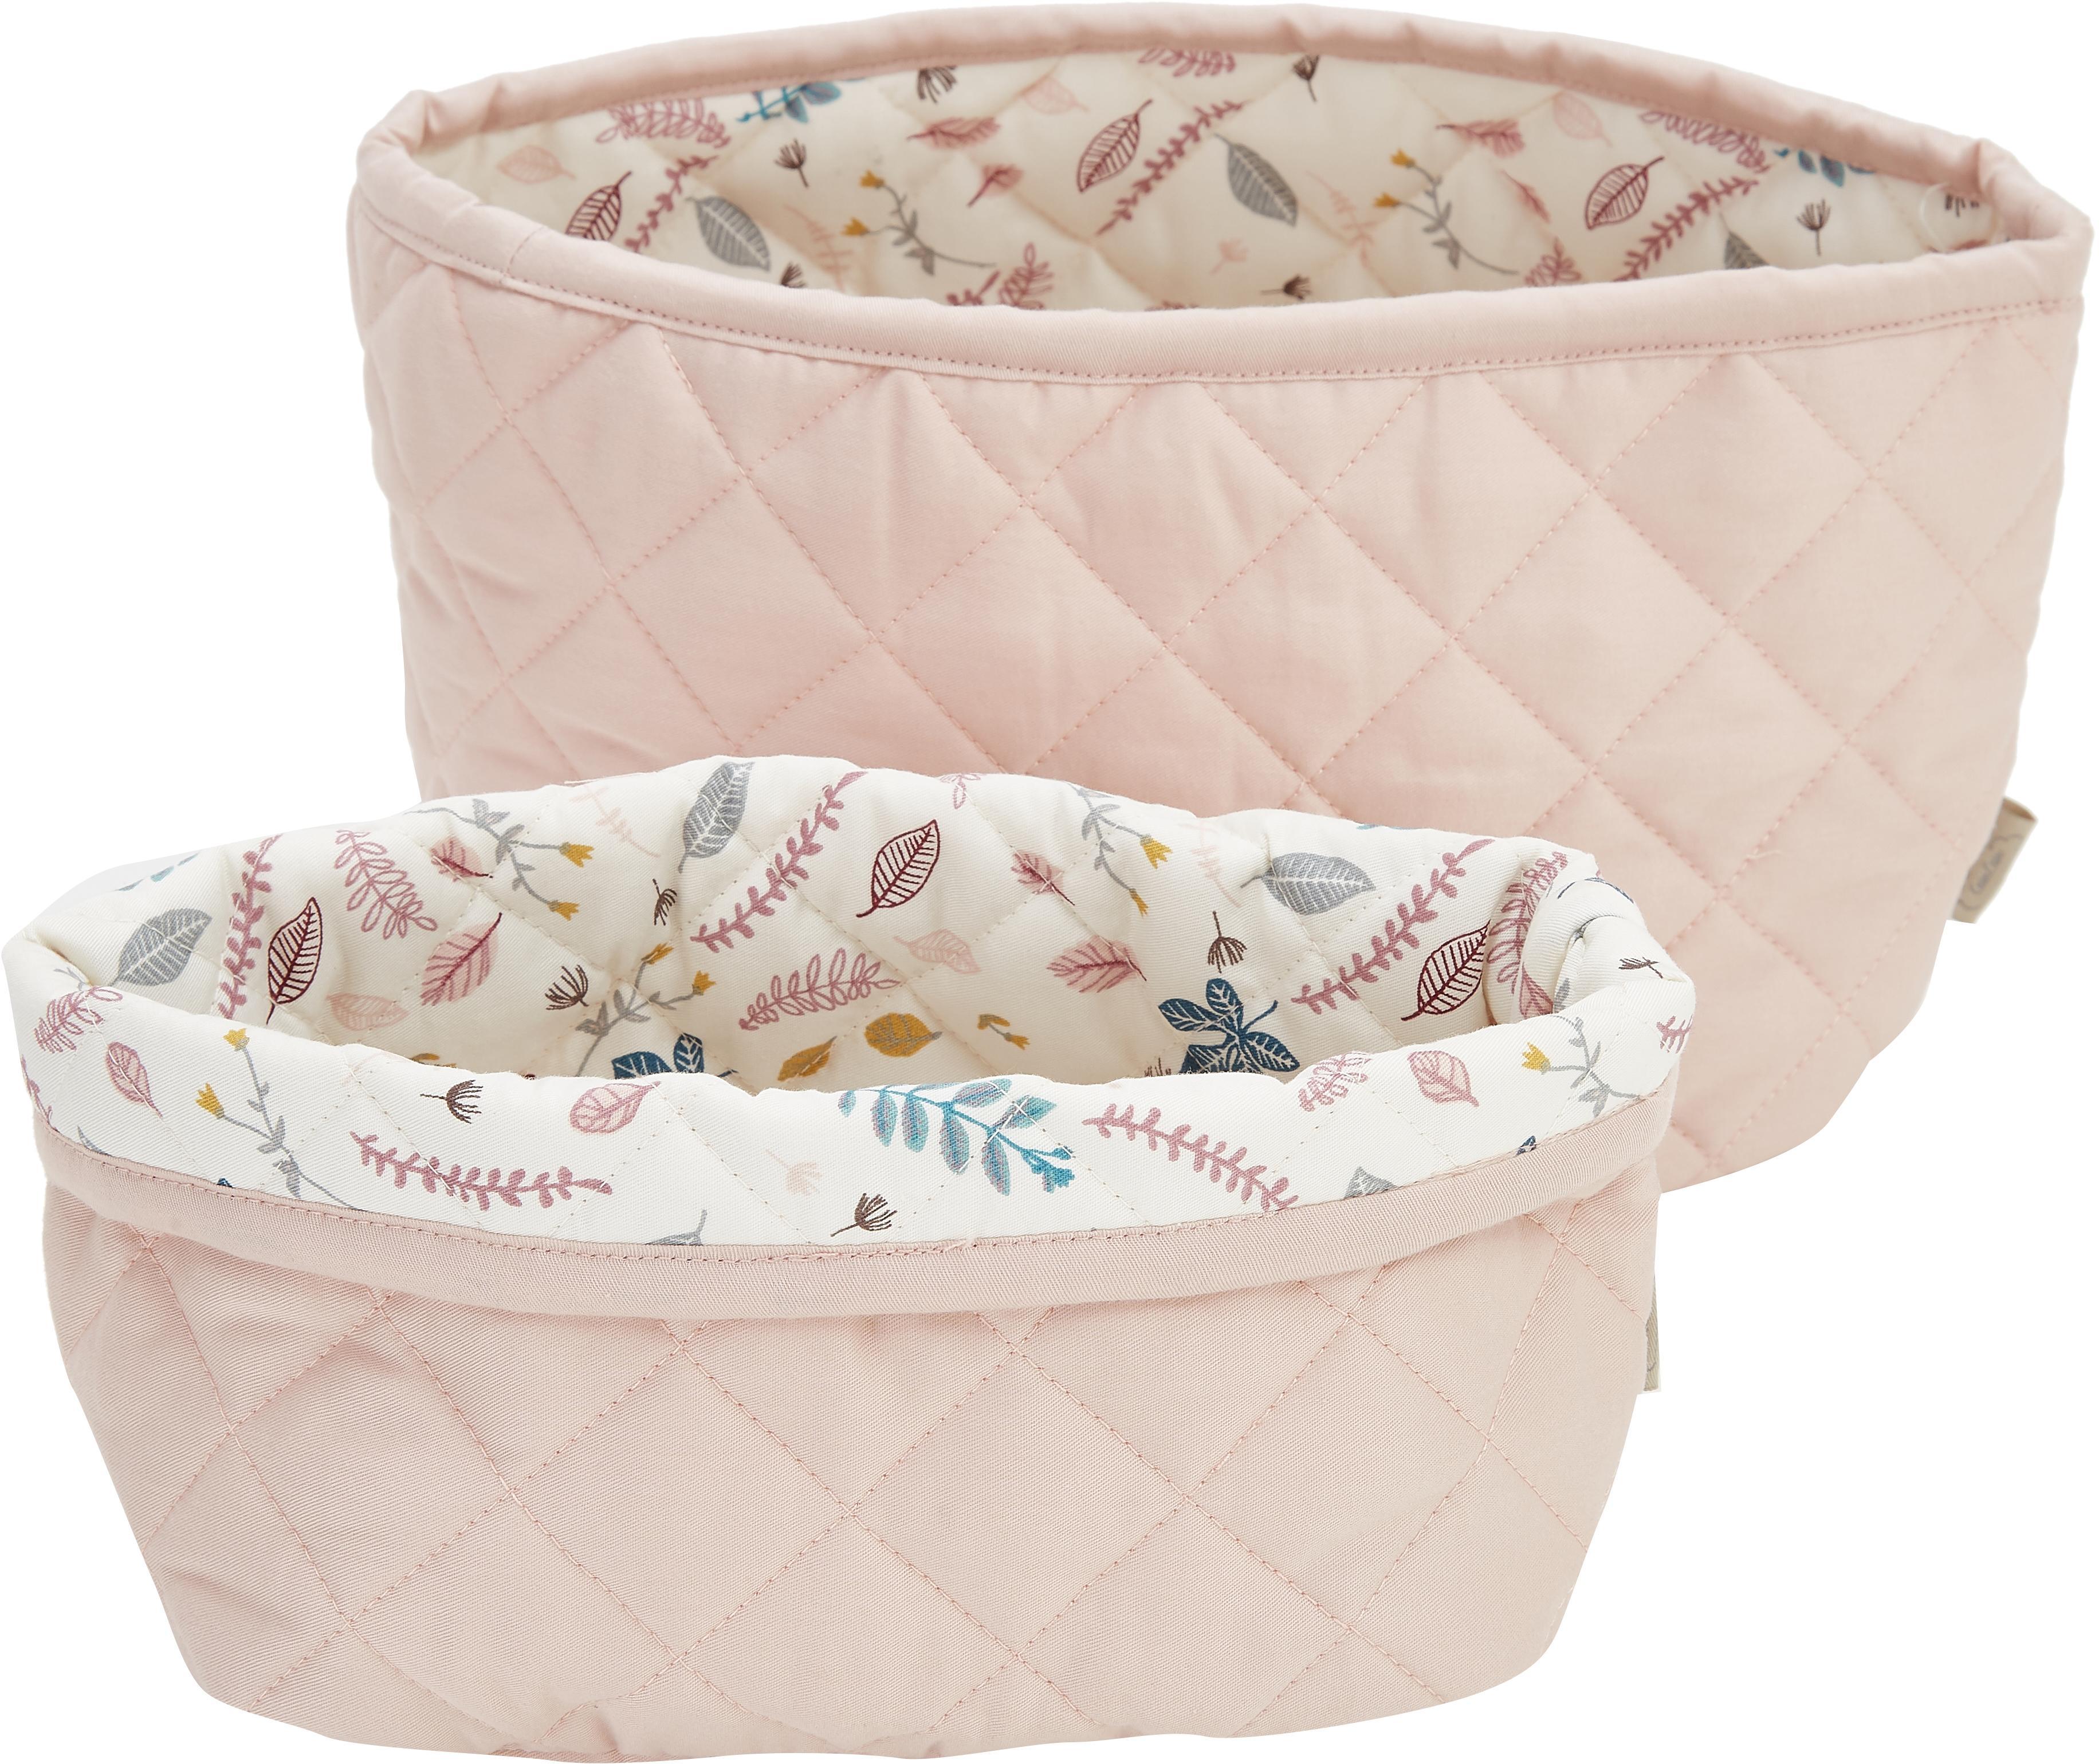 Set 2 cestini in cotone organico Pressed Leaves, Rivestimento: cotone organico, Crema, rosa, blu, grigio, Set in varie misure